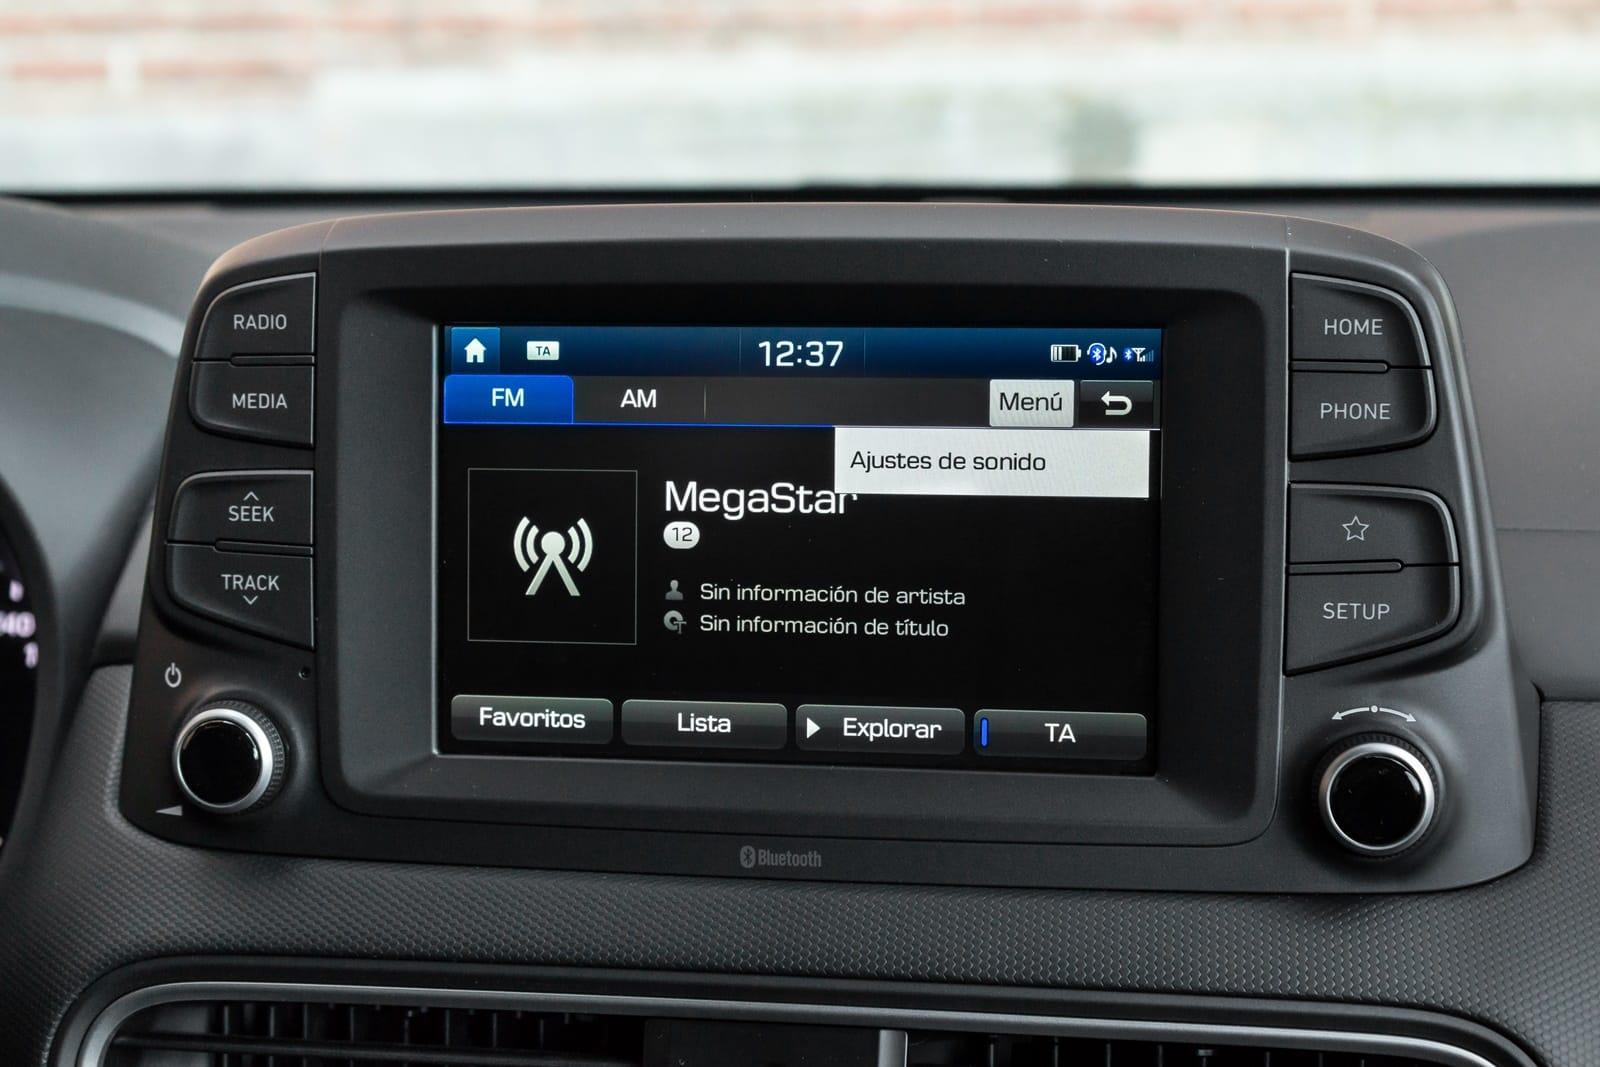 Configuración RDS de la radio del coche